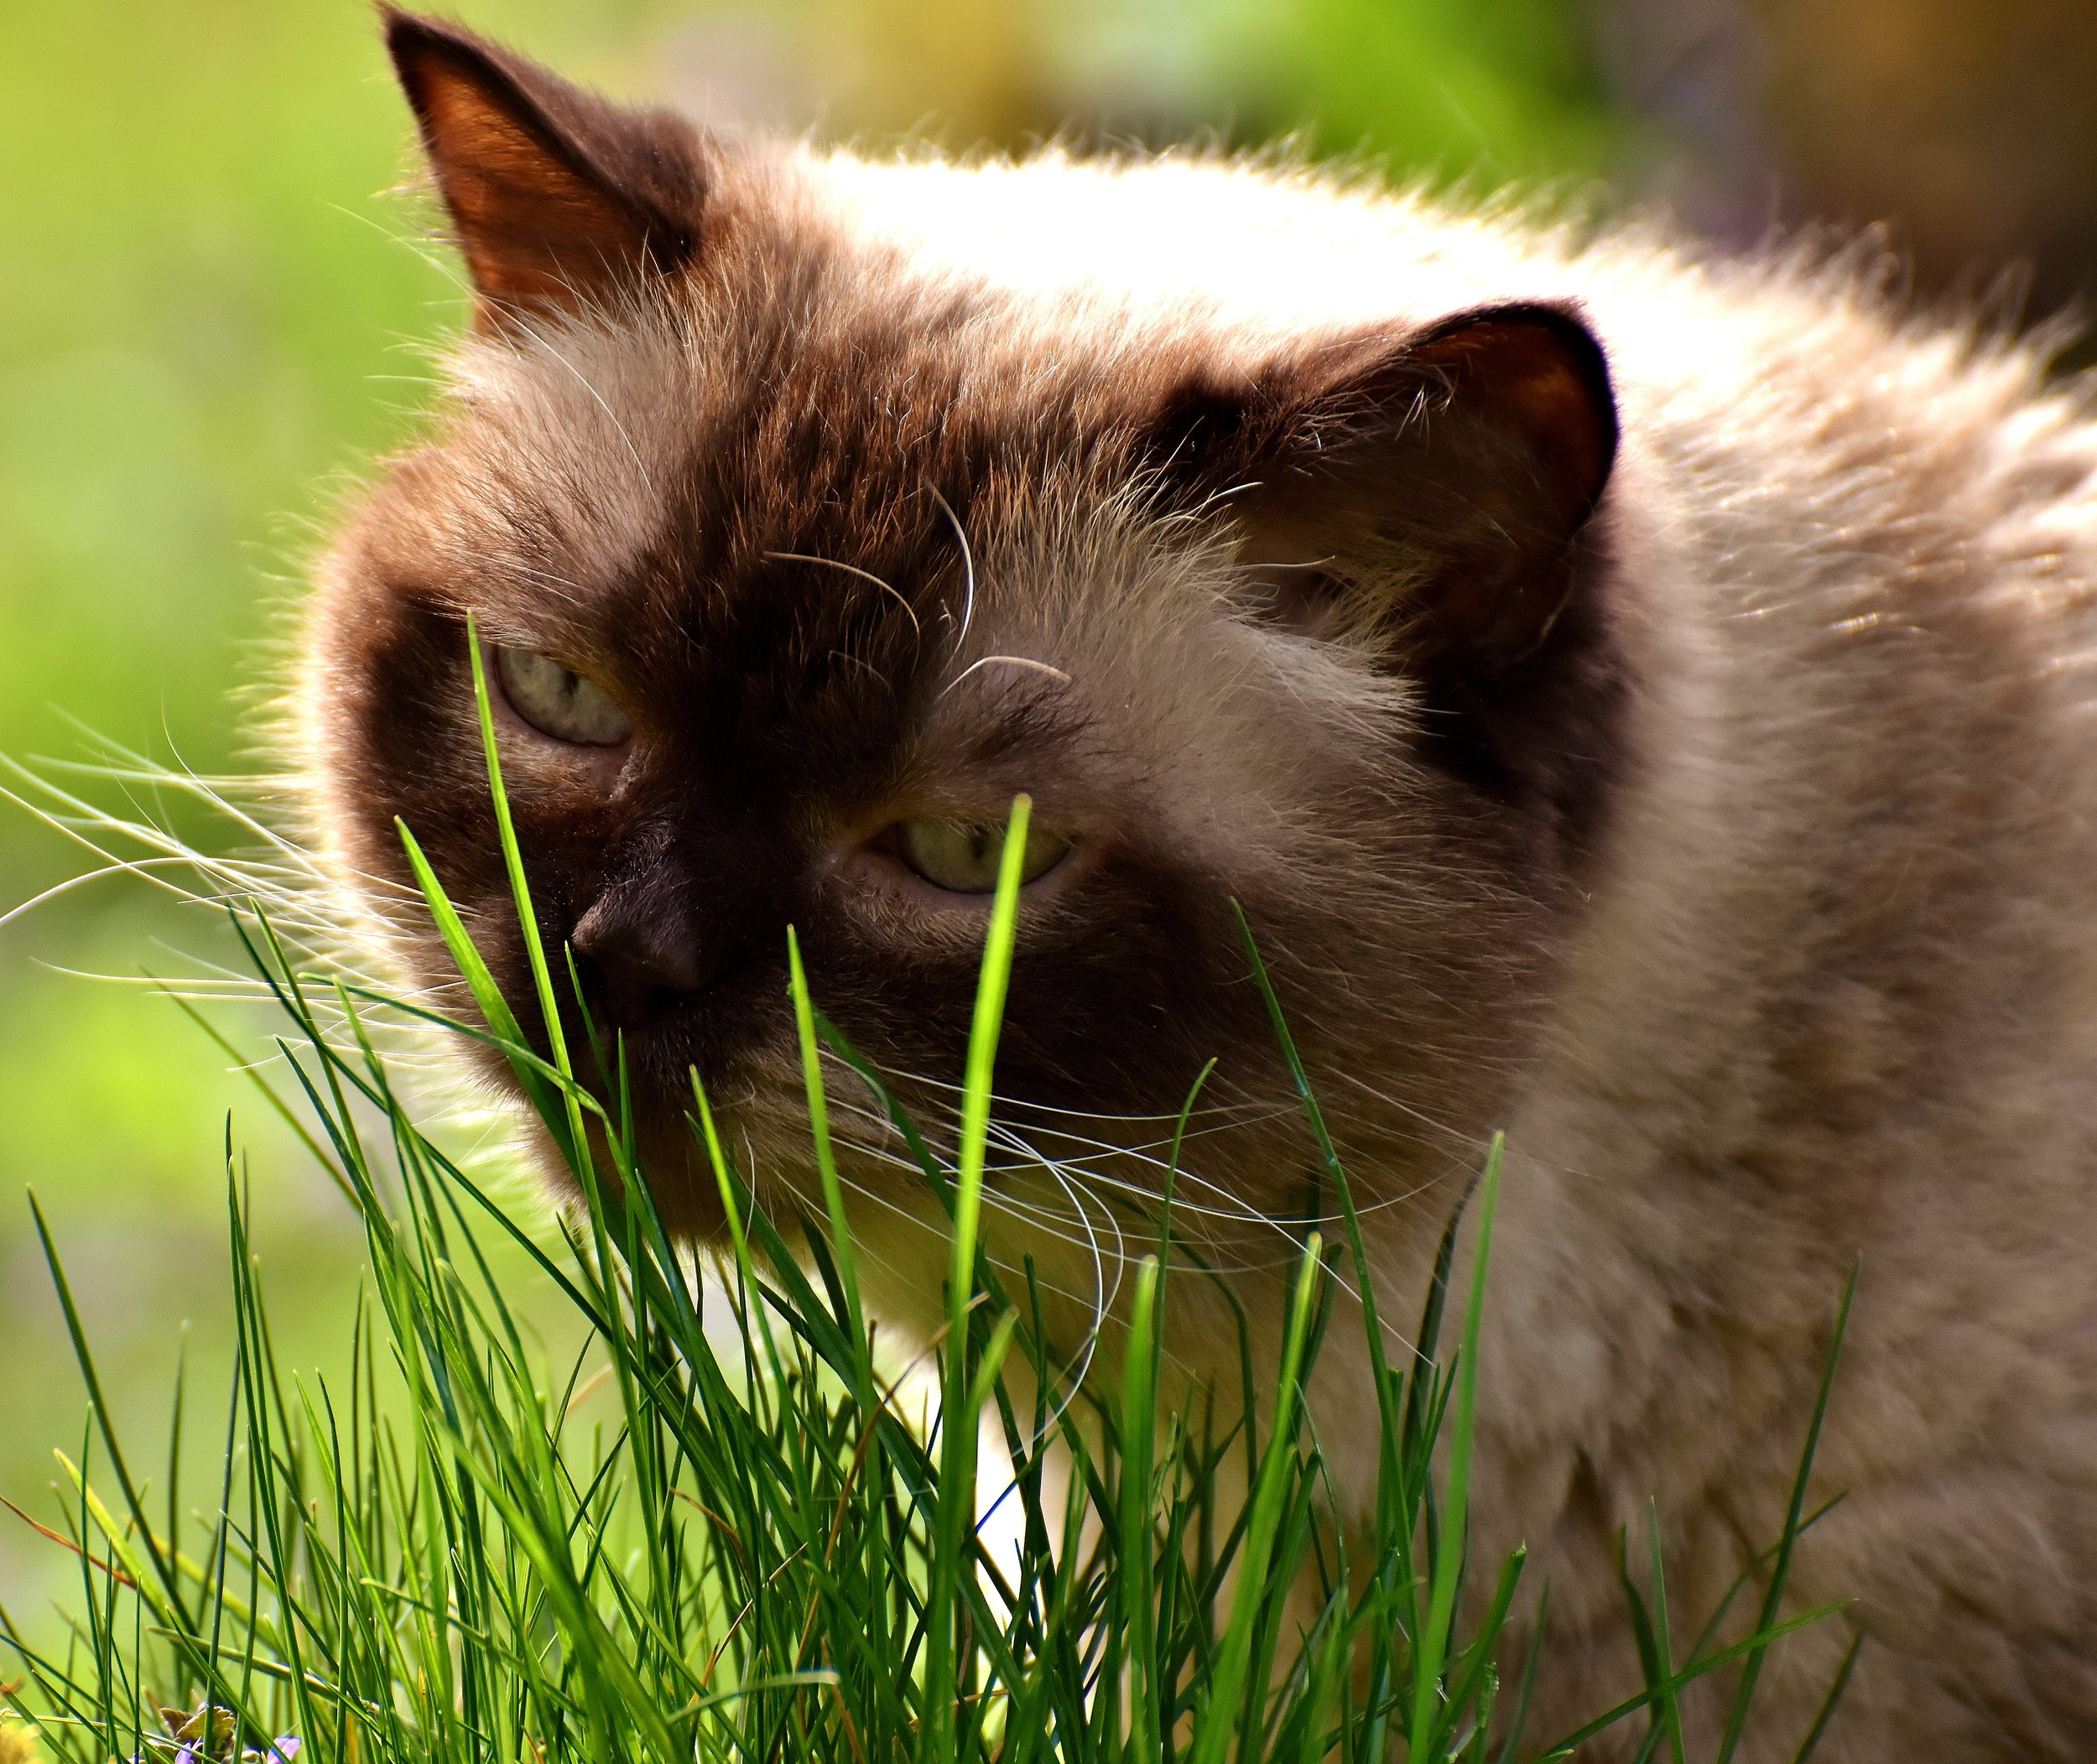 Britse korthaar eet gras.jpg